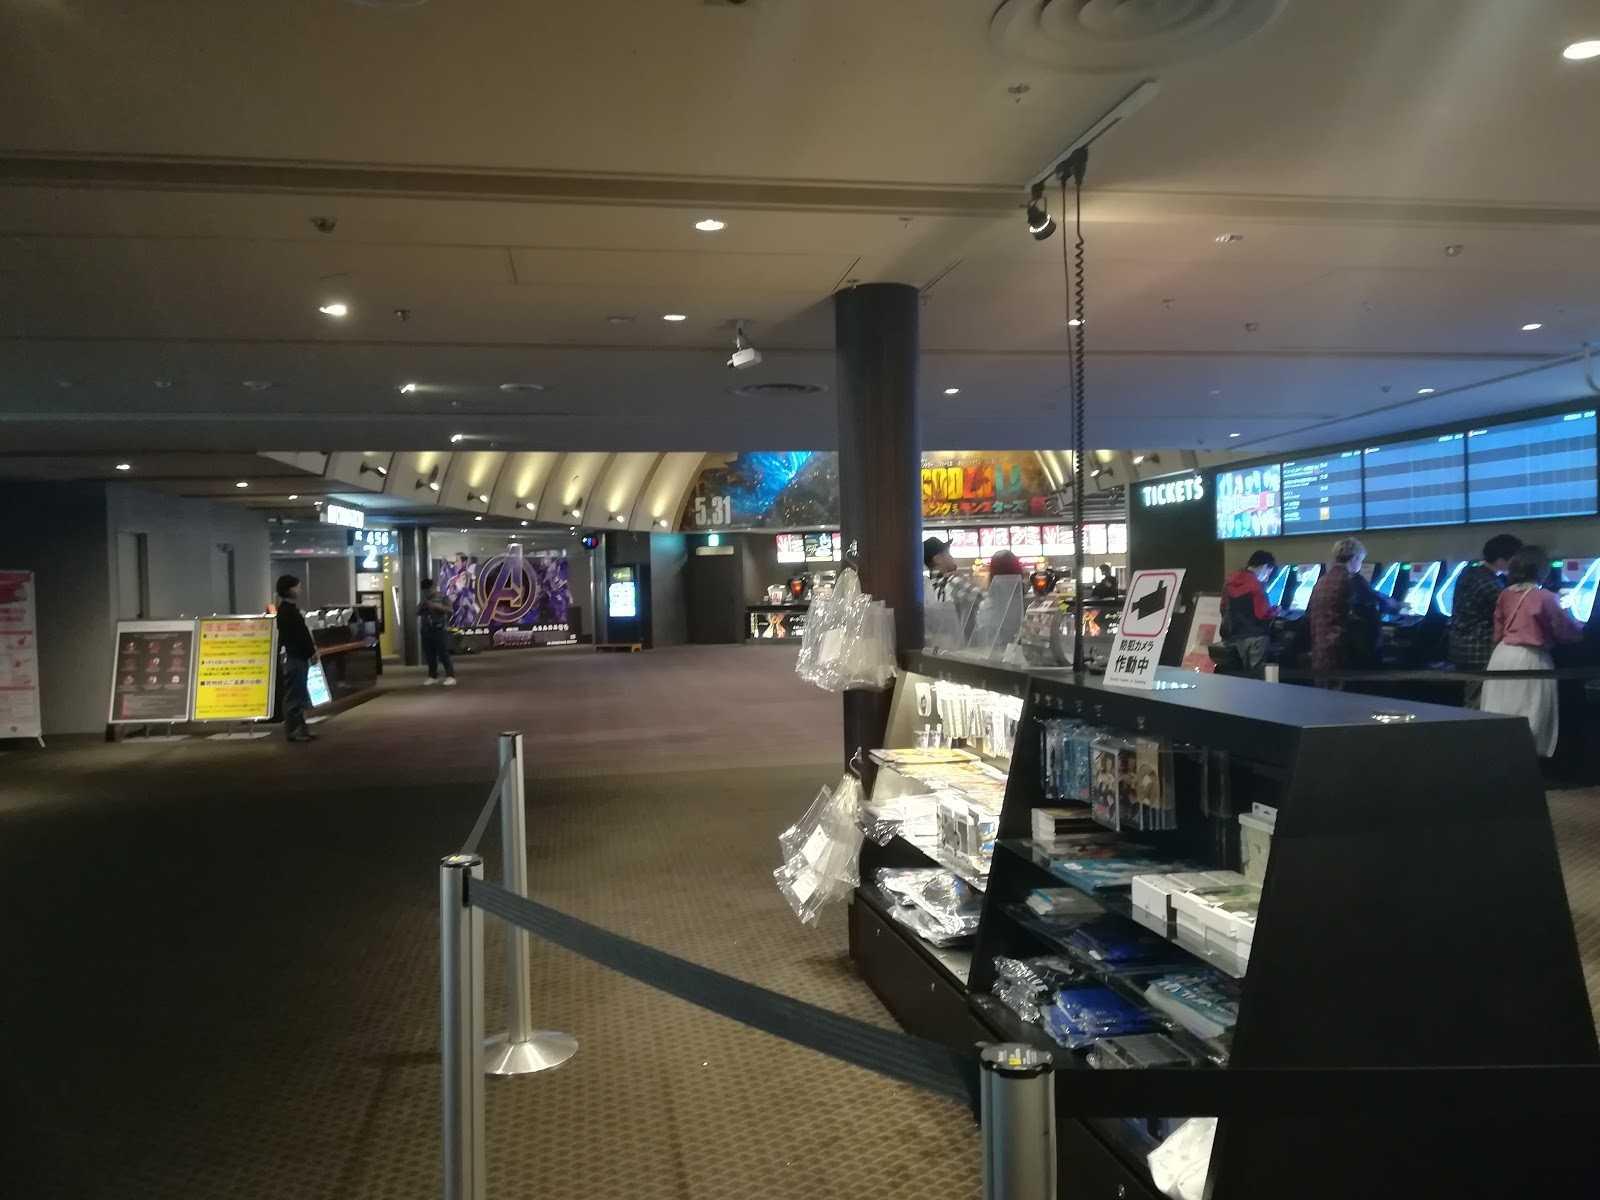 梅田 toho シネマズ TOHOシネマズ、29日より梅田・二条など11劇場の営業再開|シネマトゥデイ